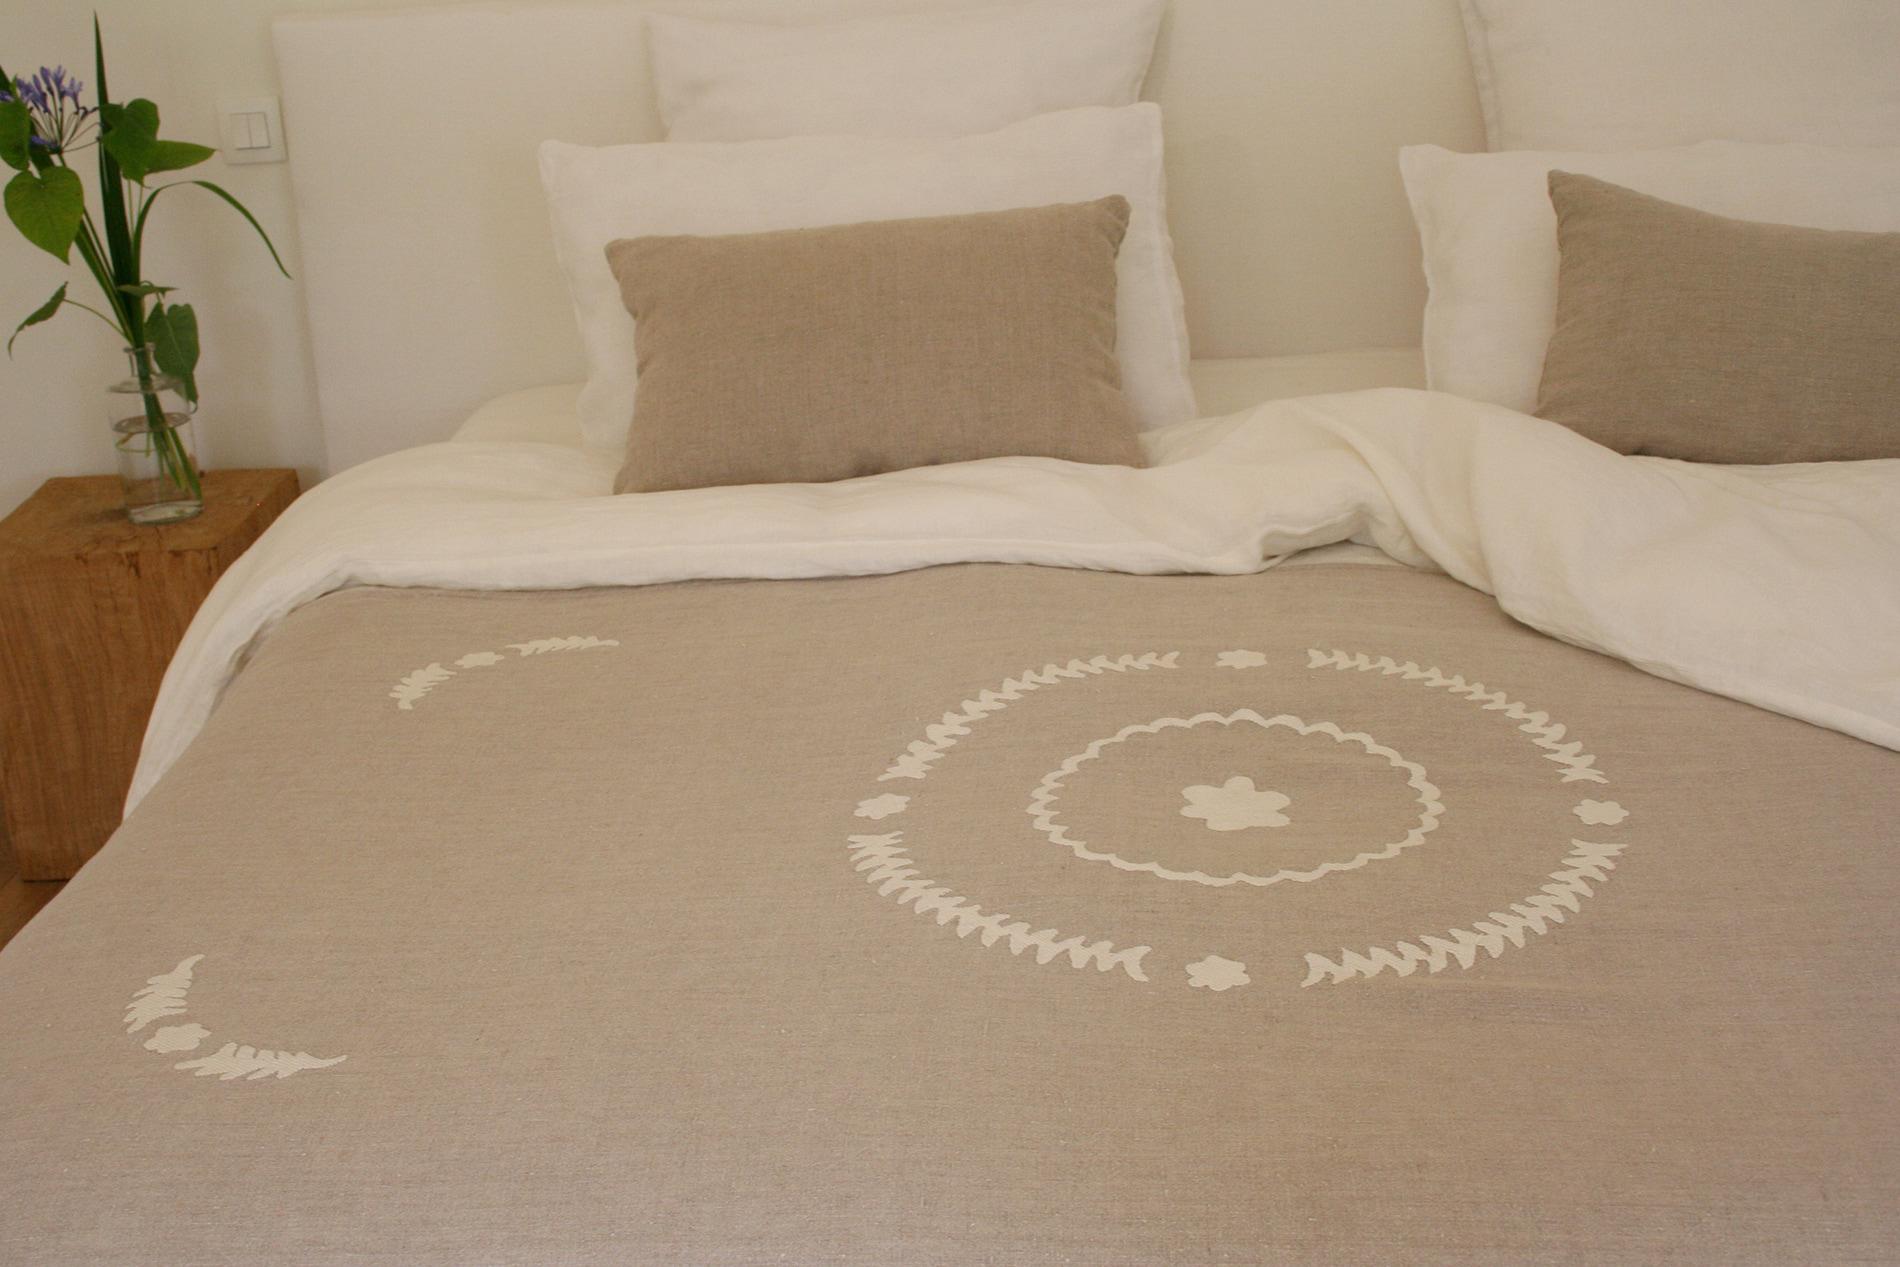 boutis couvre lit en lin brodé main